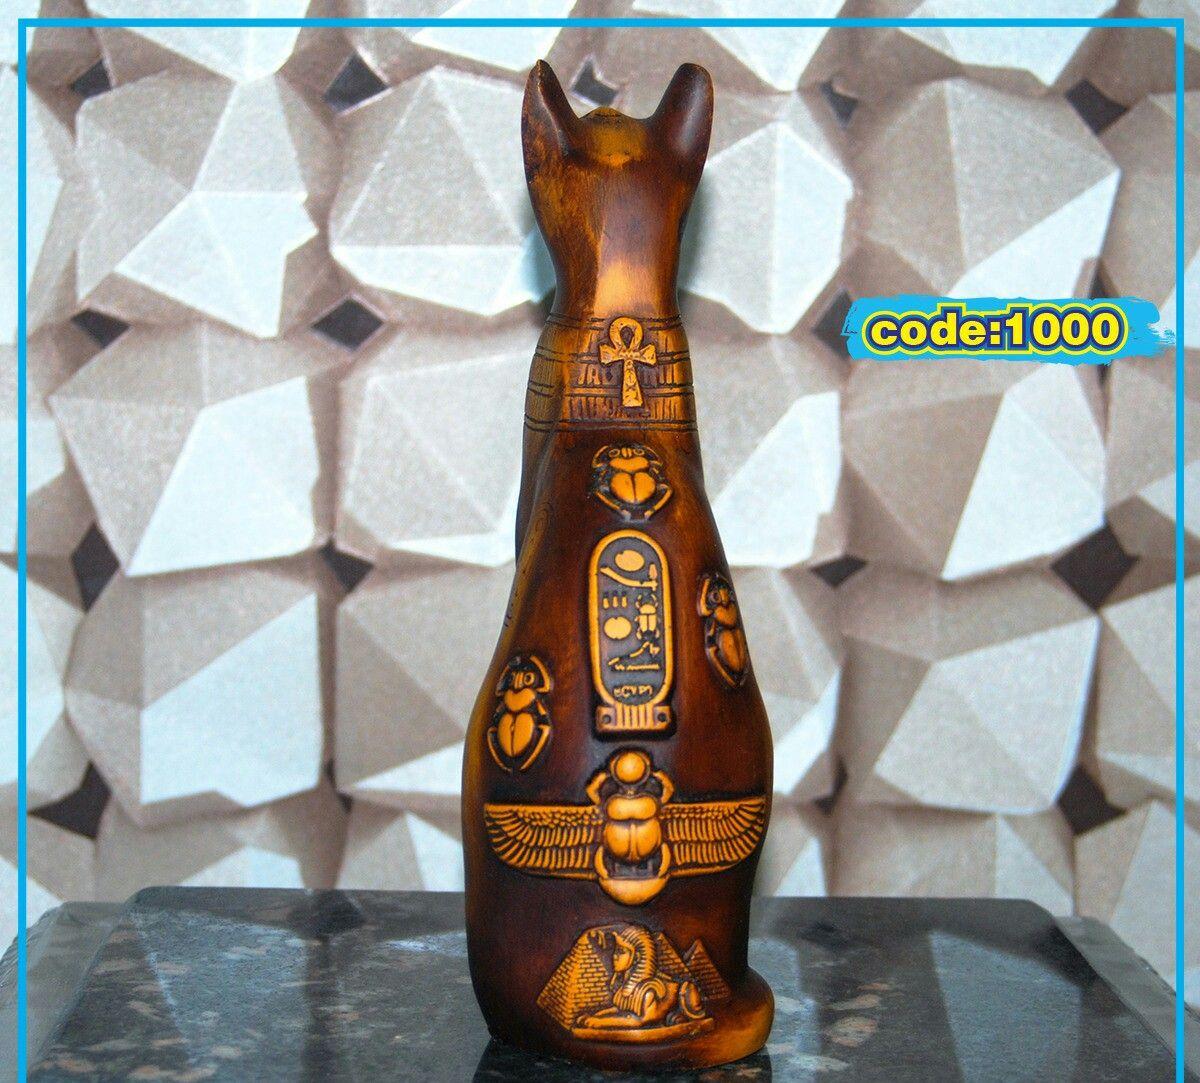 قط فرعونى كبير لون بنى يضيف لمسه رائعه الى منزلك مصنوع من البورسلين Bottles Decoration Home Decor Decor